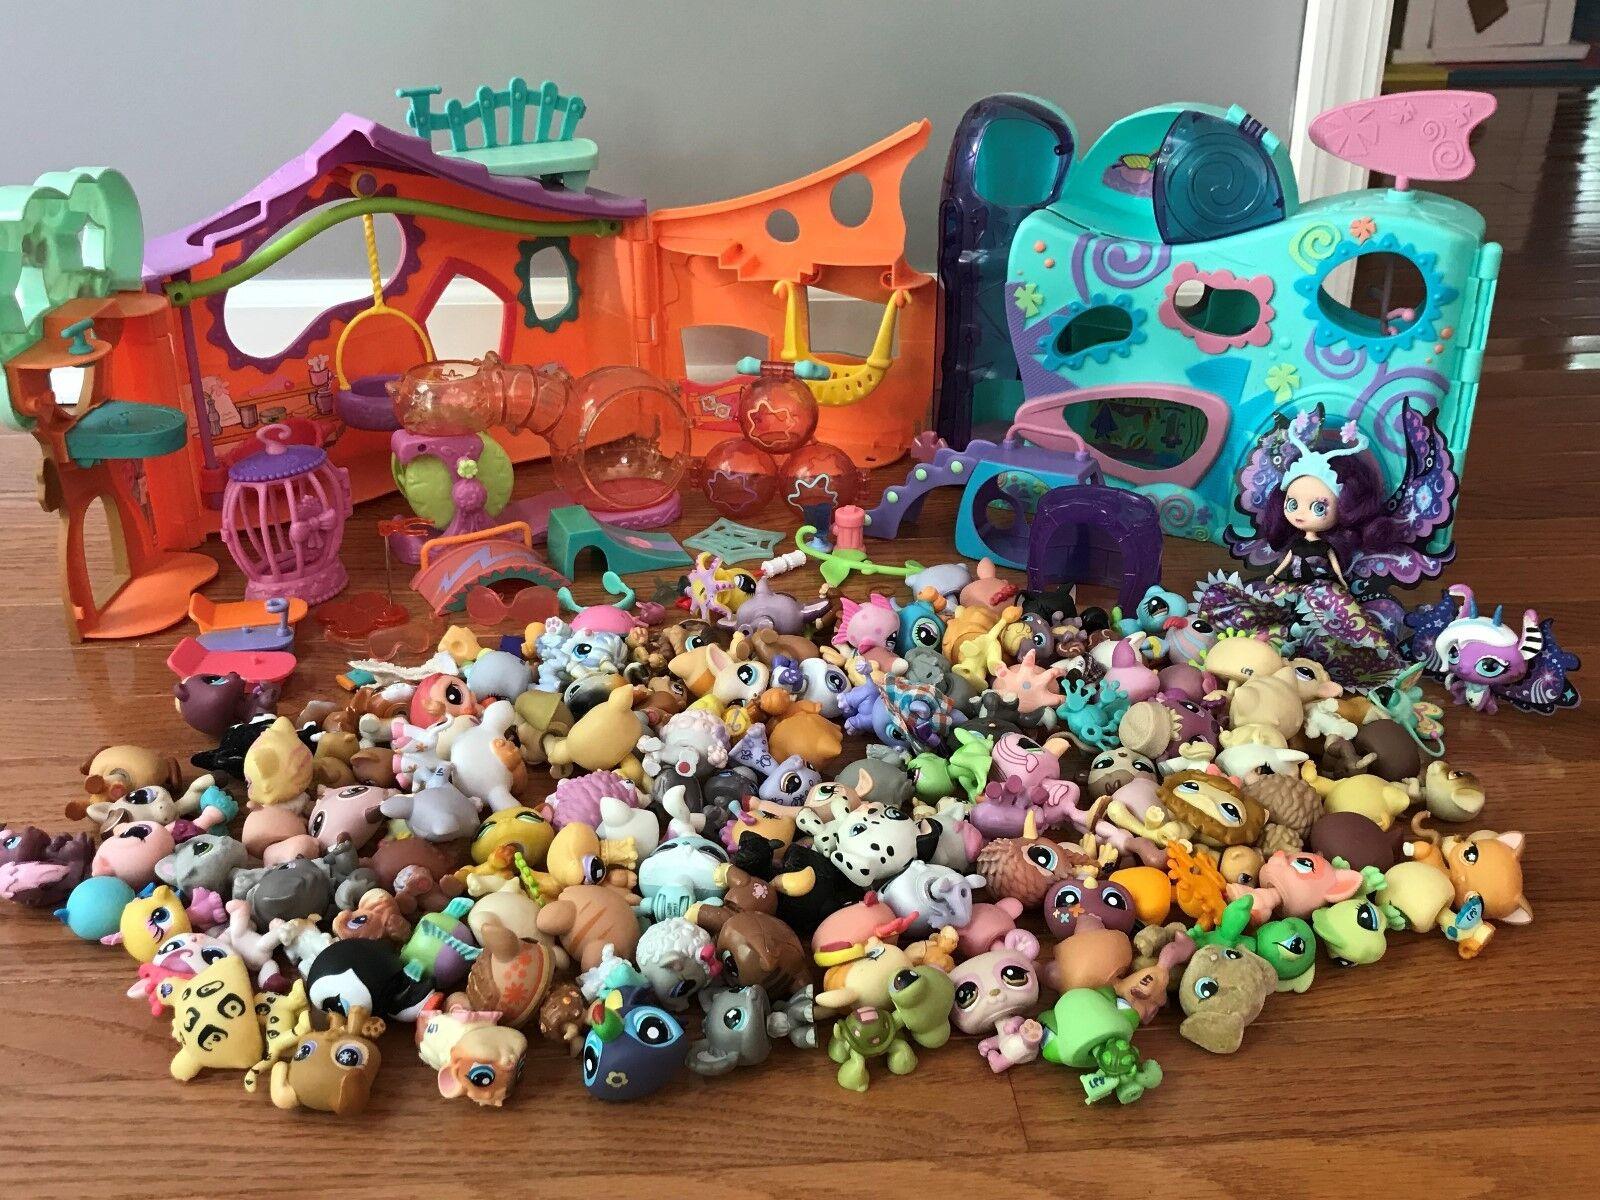 Número mínimo de tiendas de mascotas, dos juegos de juguetes y accesorios